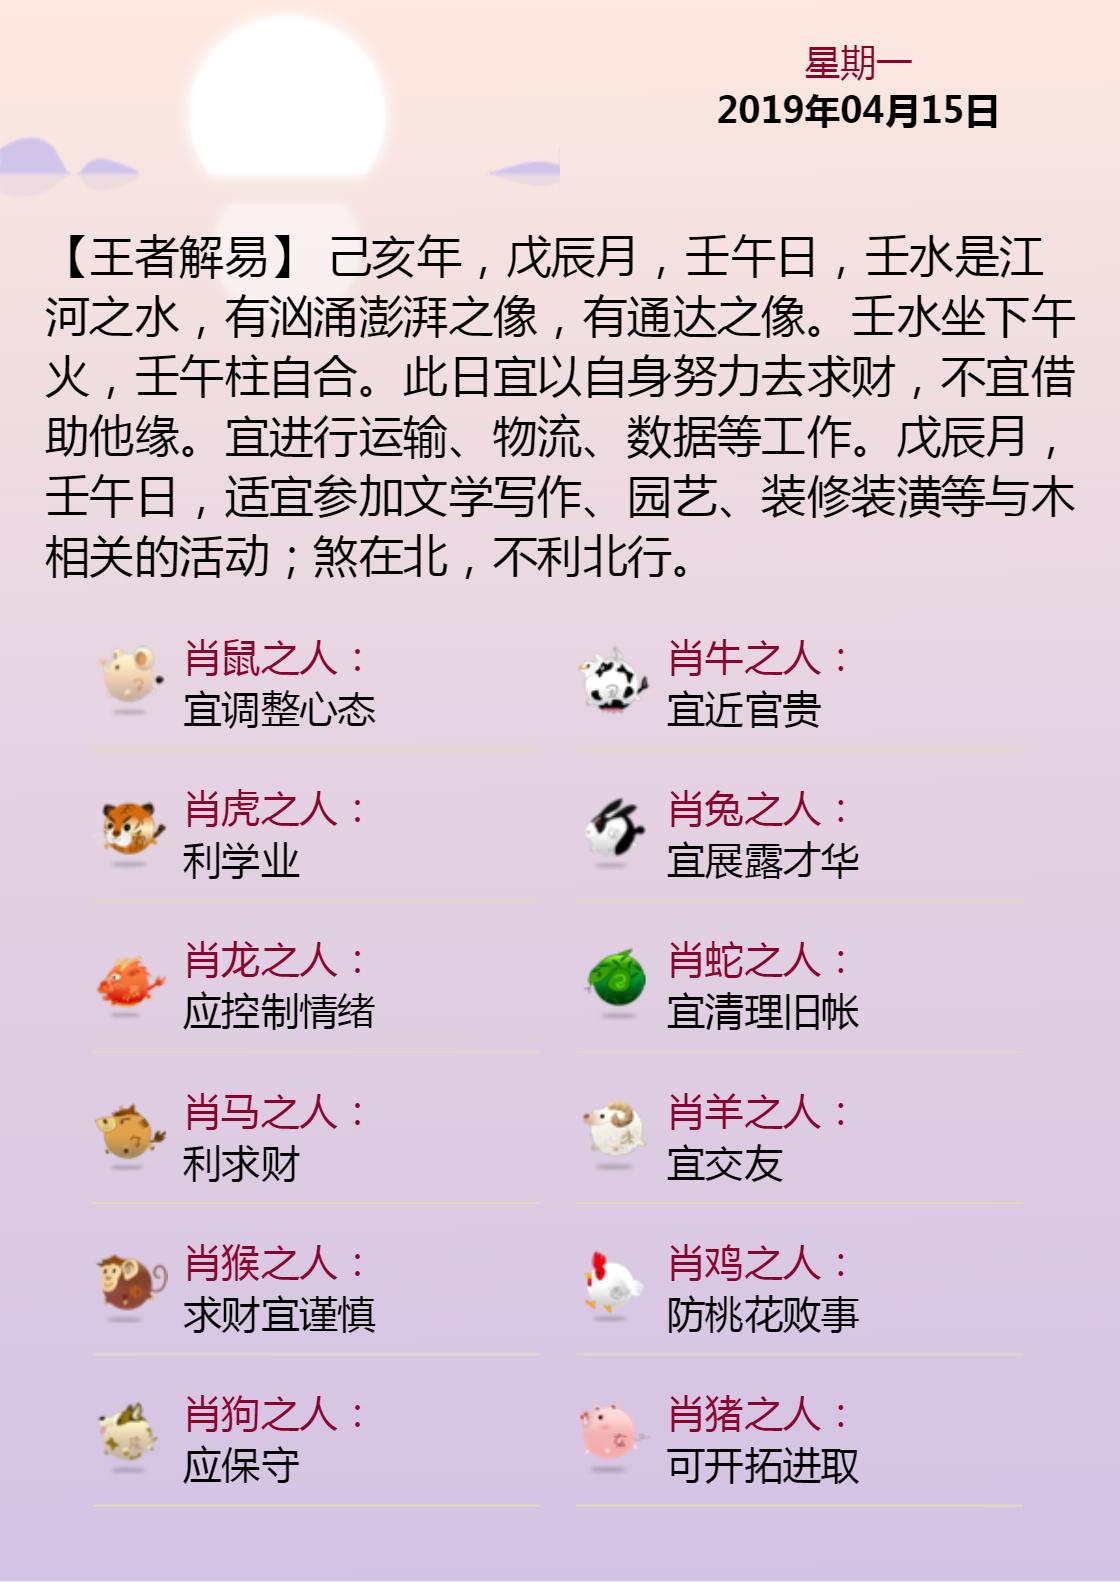 黄历海报20190415.png